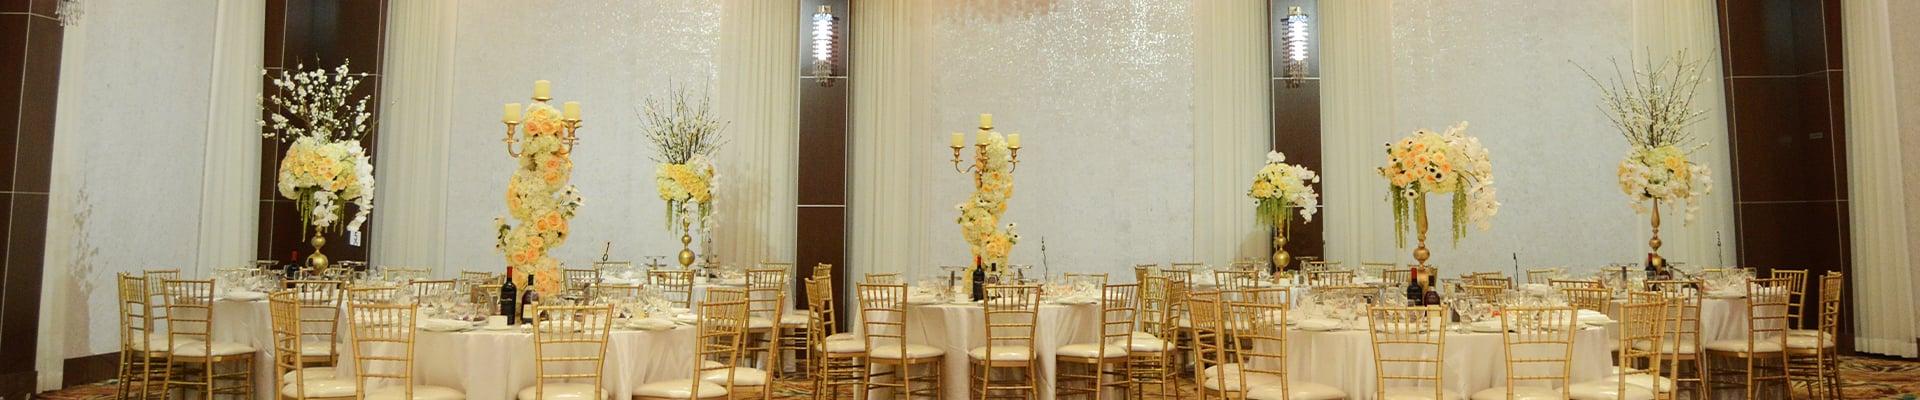 Metropol Banquet Halls for Small Venues